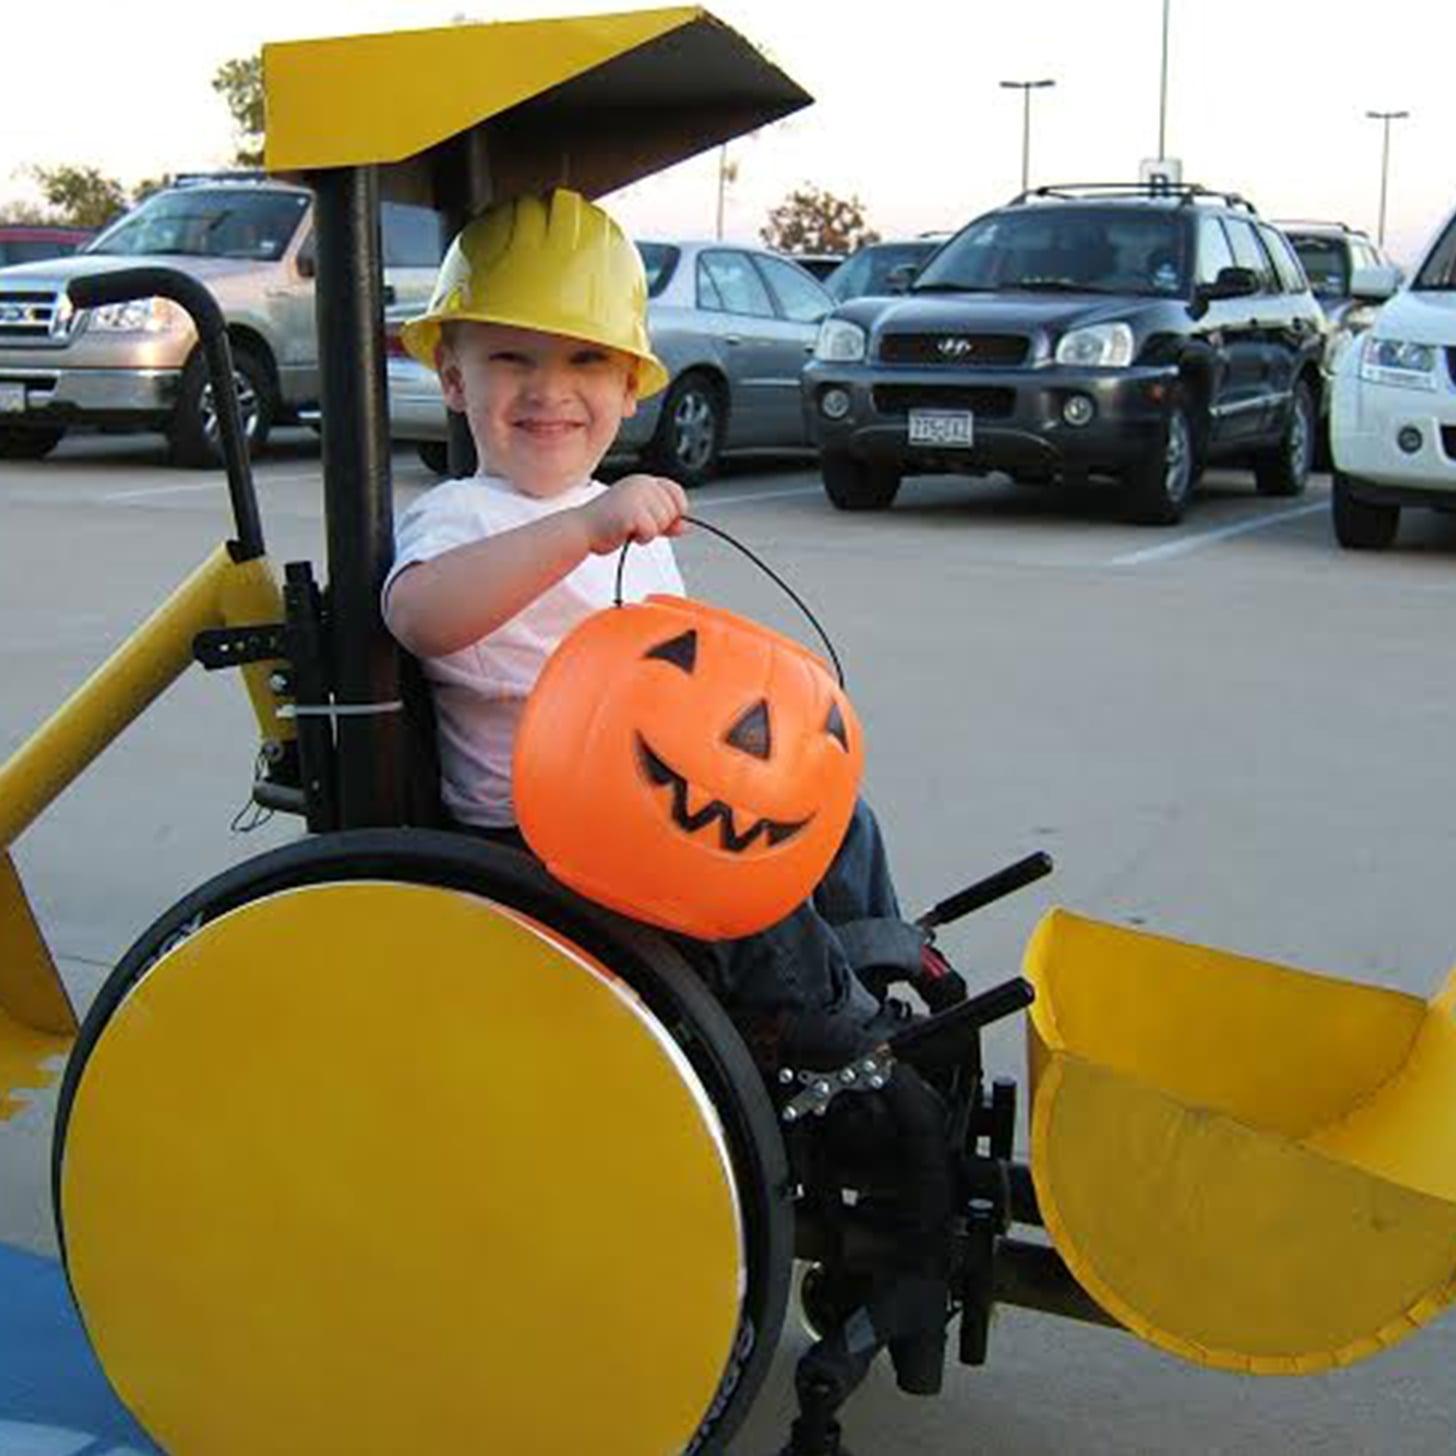 Parents Make Wheelchair Halloween Costumes | POPSUGAR Moms